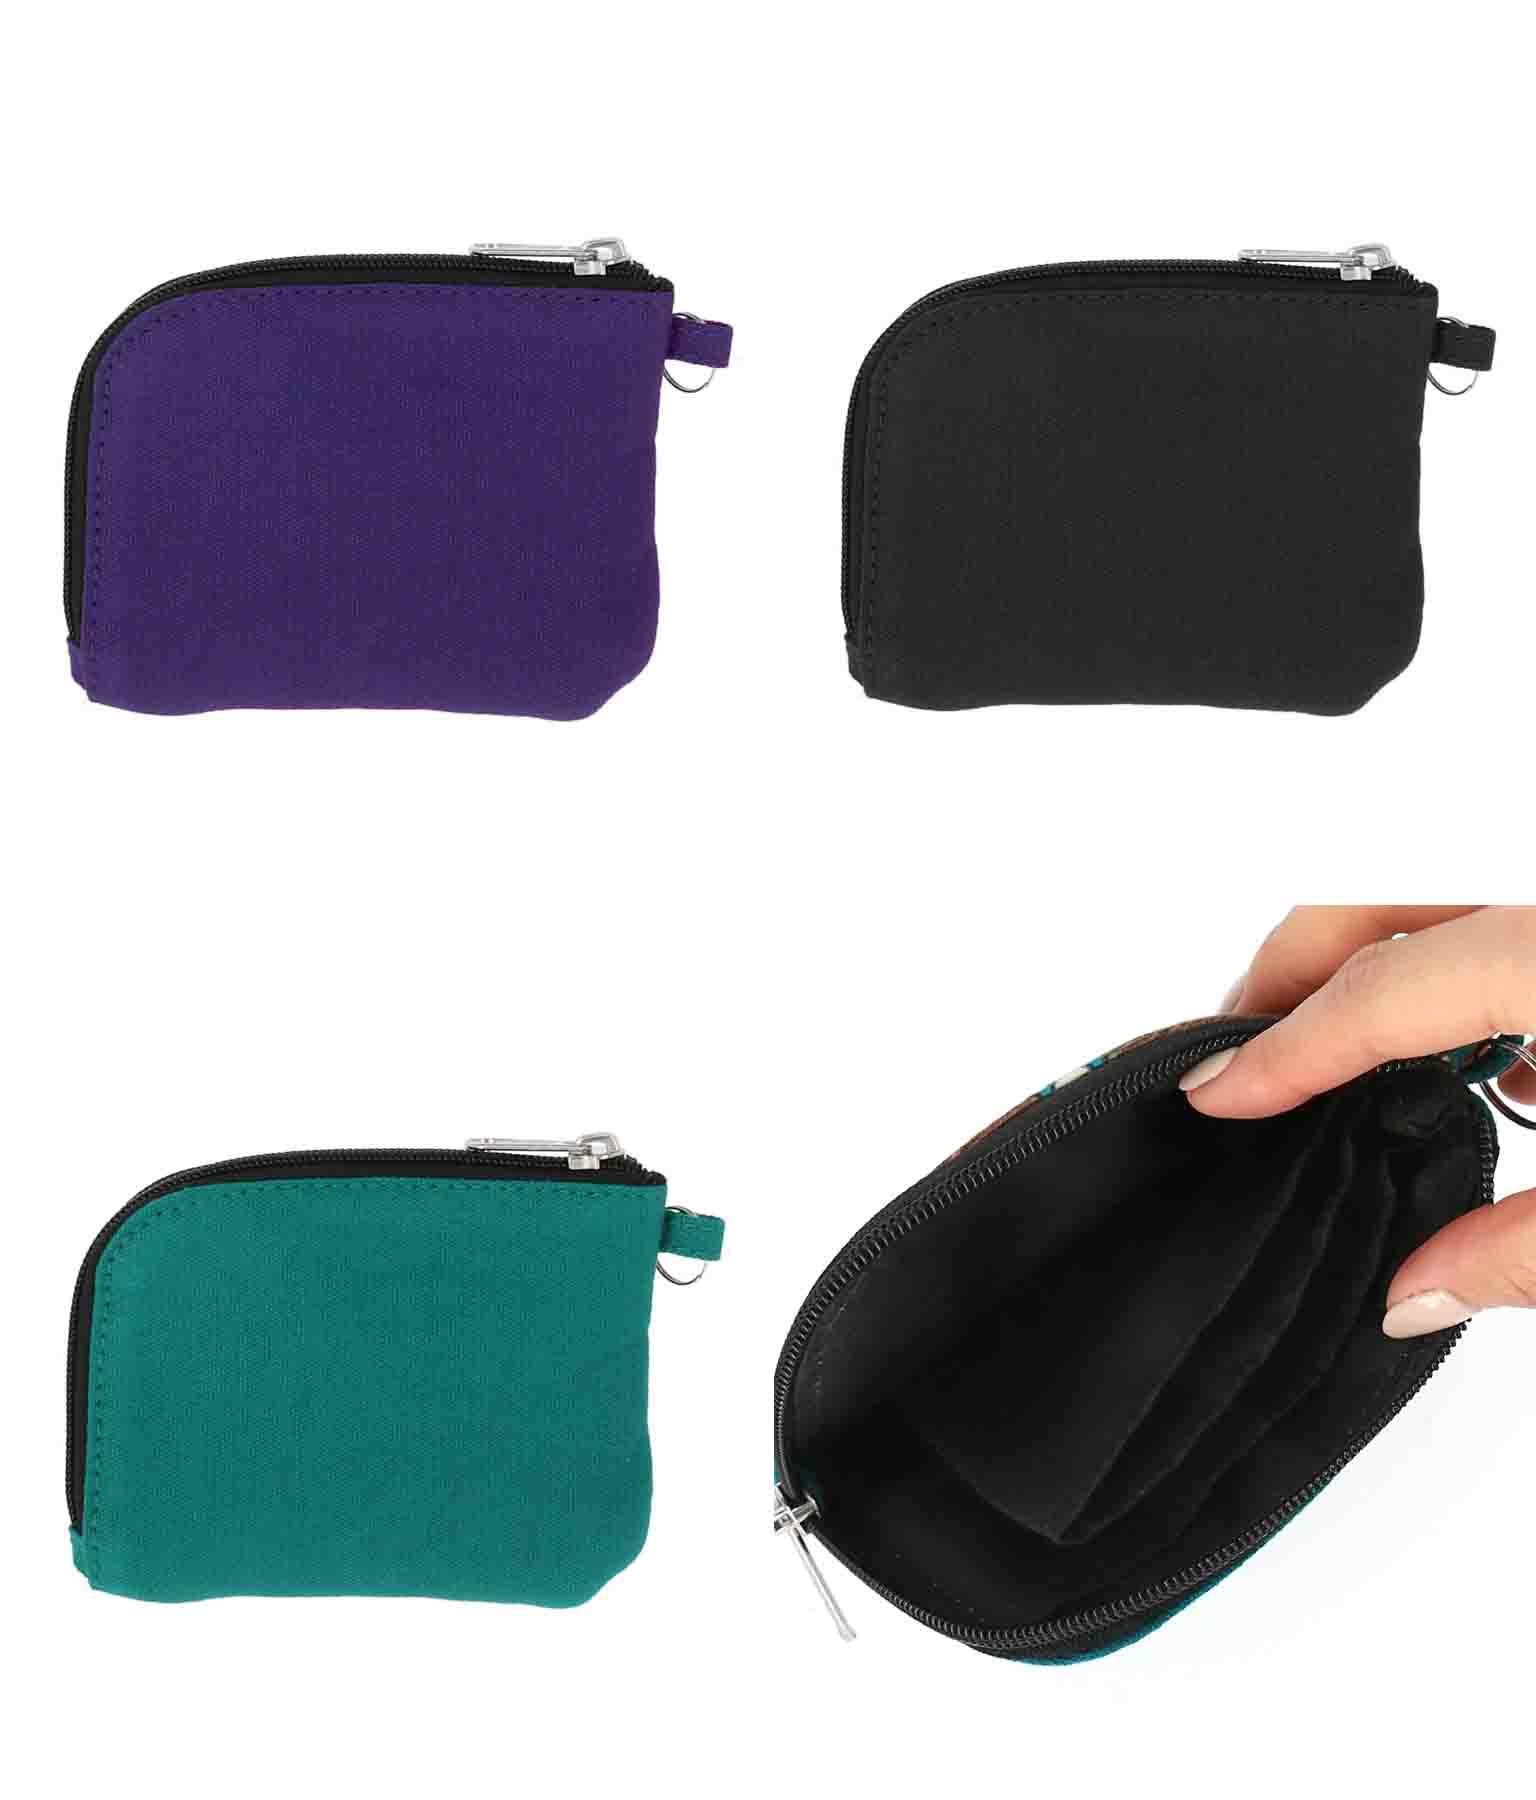 3パターンミニウォレット(ファッション雑貨/財布 ・長財布・二つ折り(折りたたみ財布) ) | anap mimpi